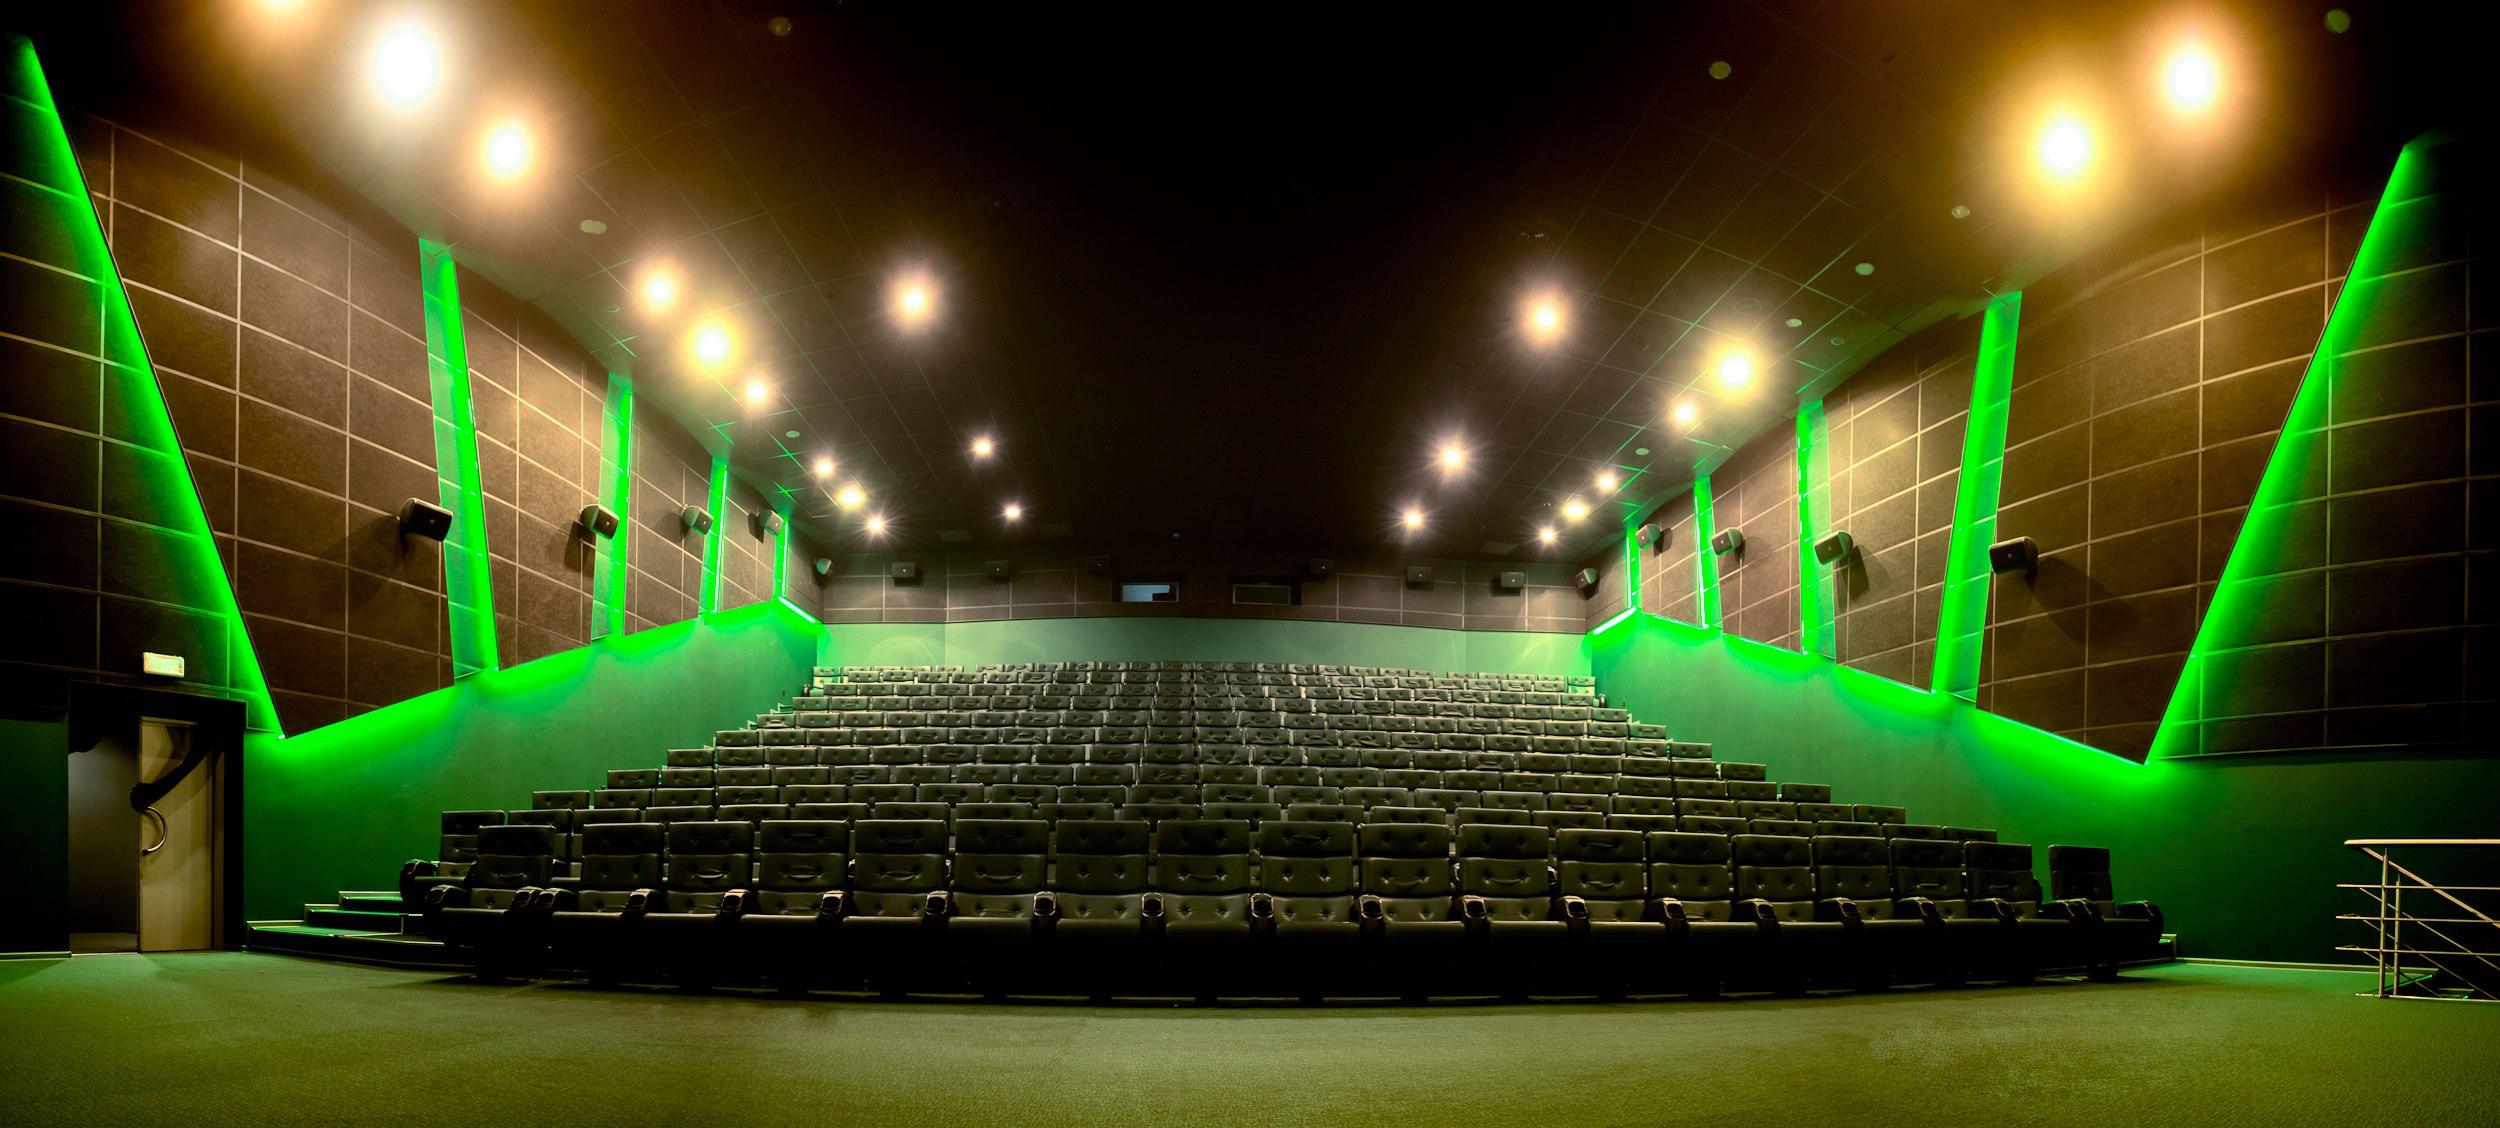 Киномакс Пражская. Самые большие кинотеатры в России